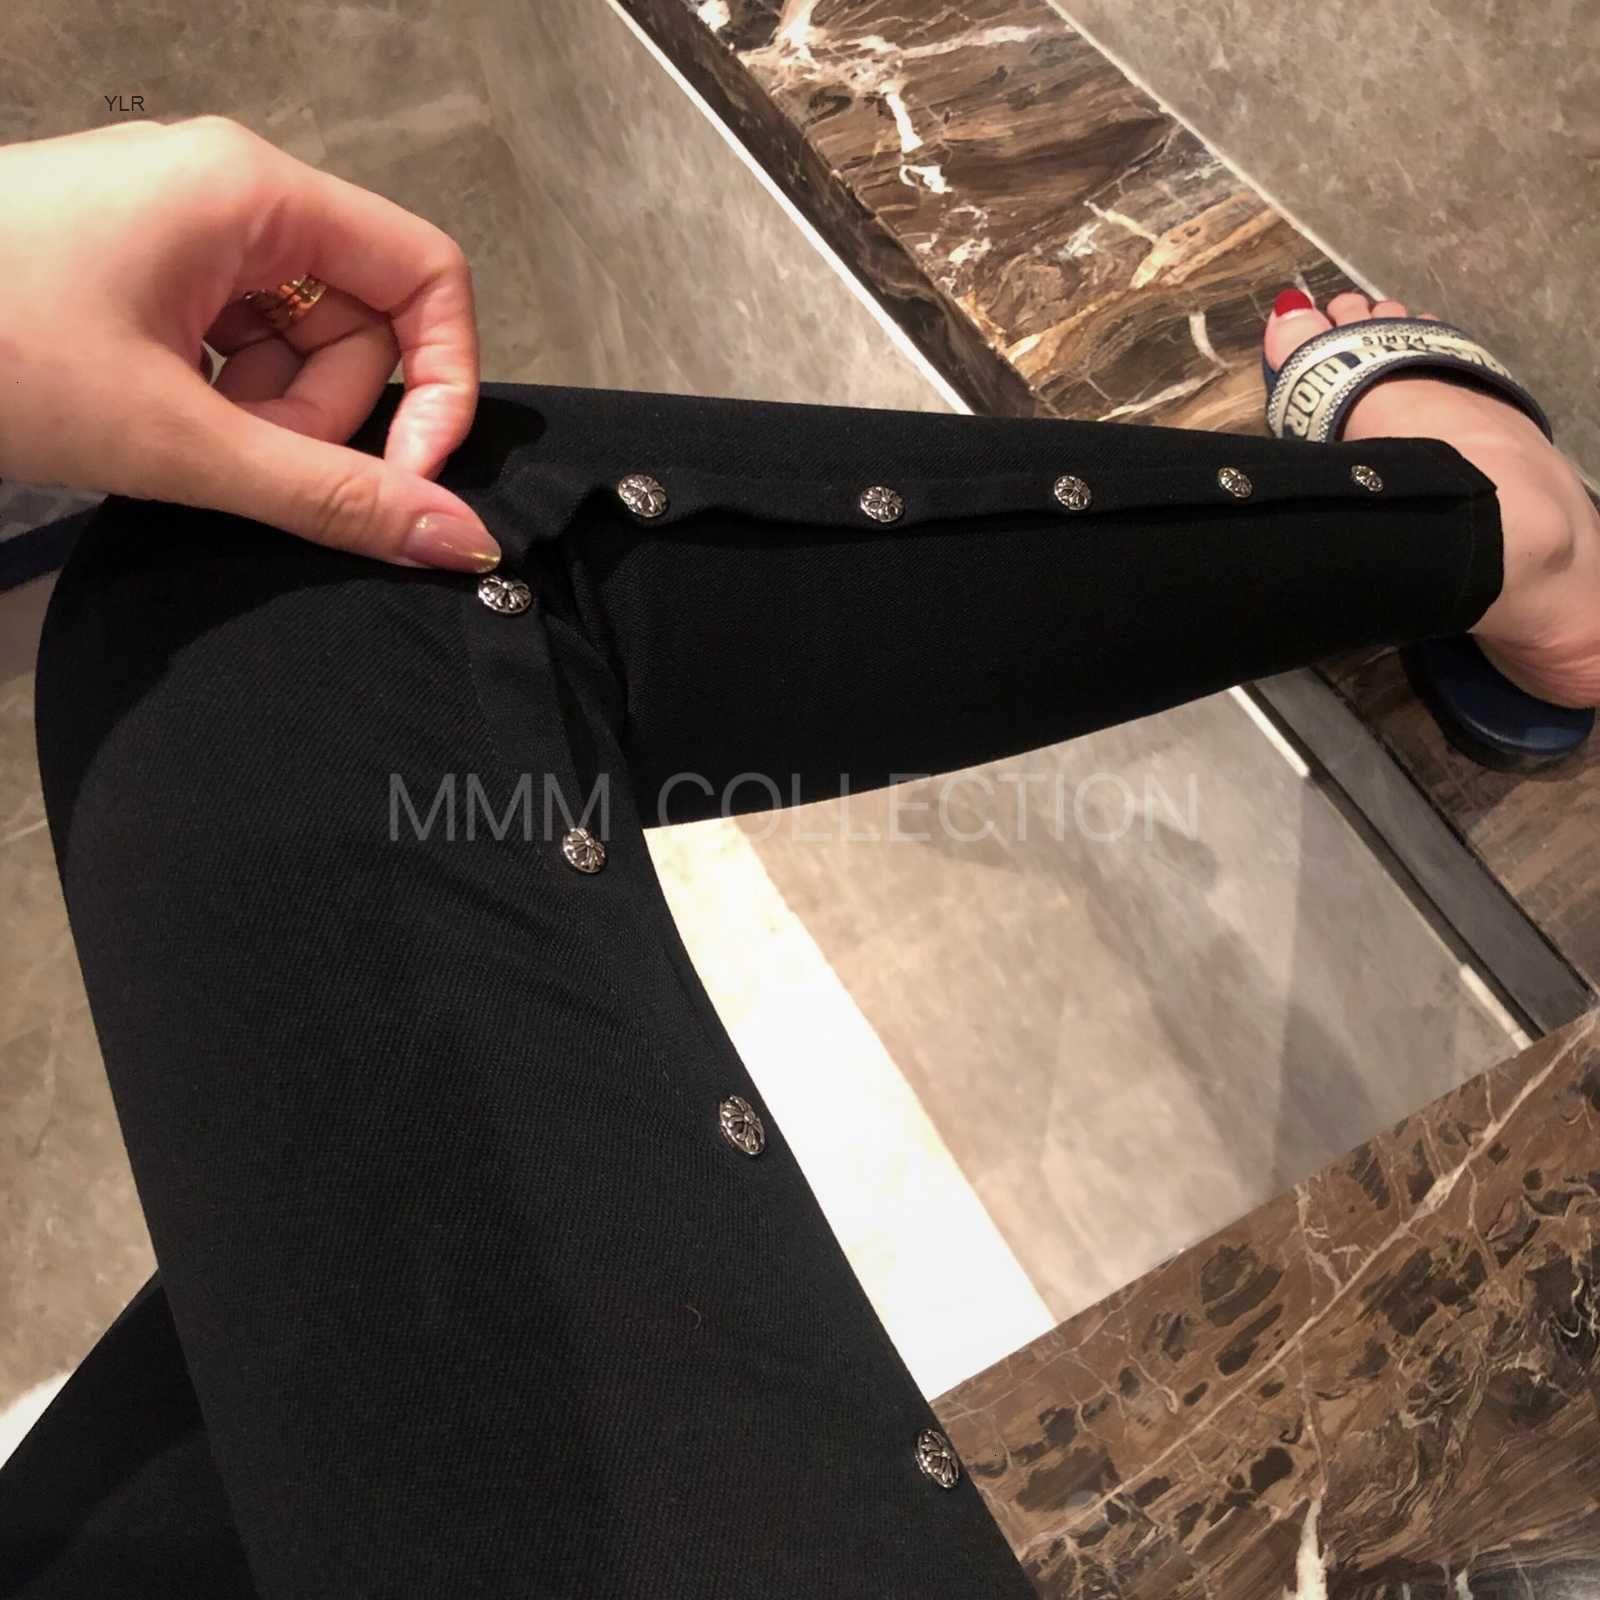 CH H / GUARDTS / CROMO CROSIN MMM Collezione Tre Dimensional Decoration Crosin Slim Pantaloni a matita elastica Amwu